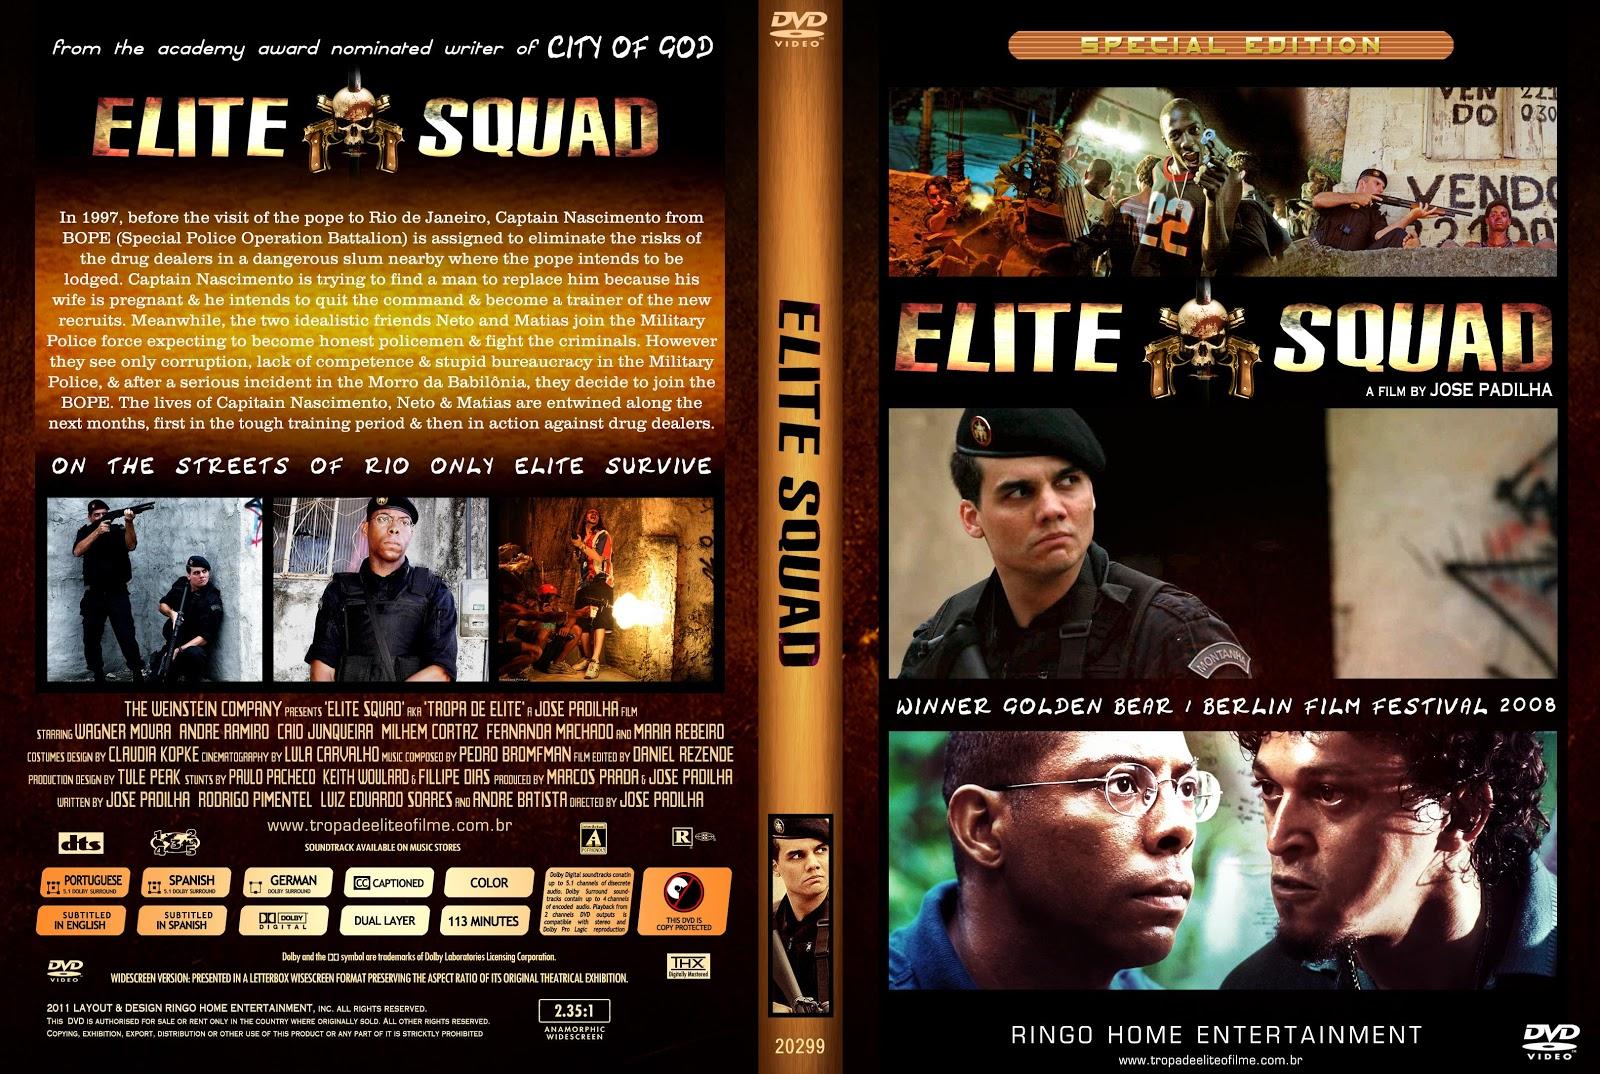 tropa-de-elite-squad-dvd-front-back-cover